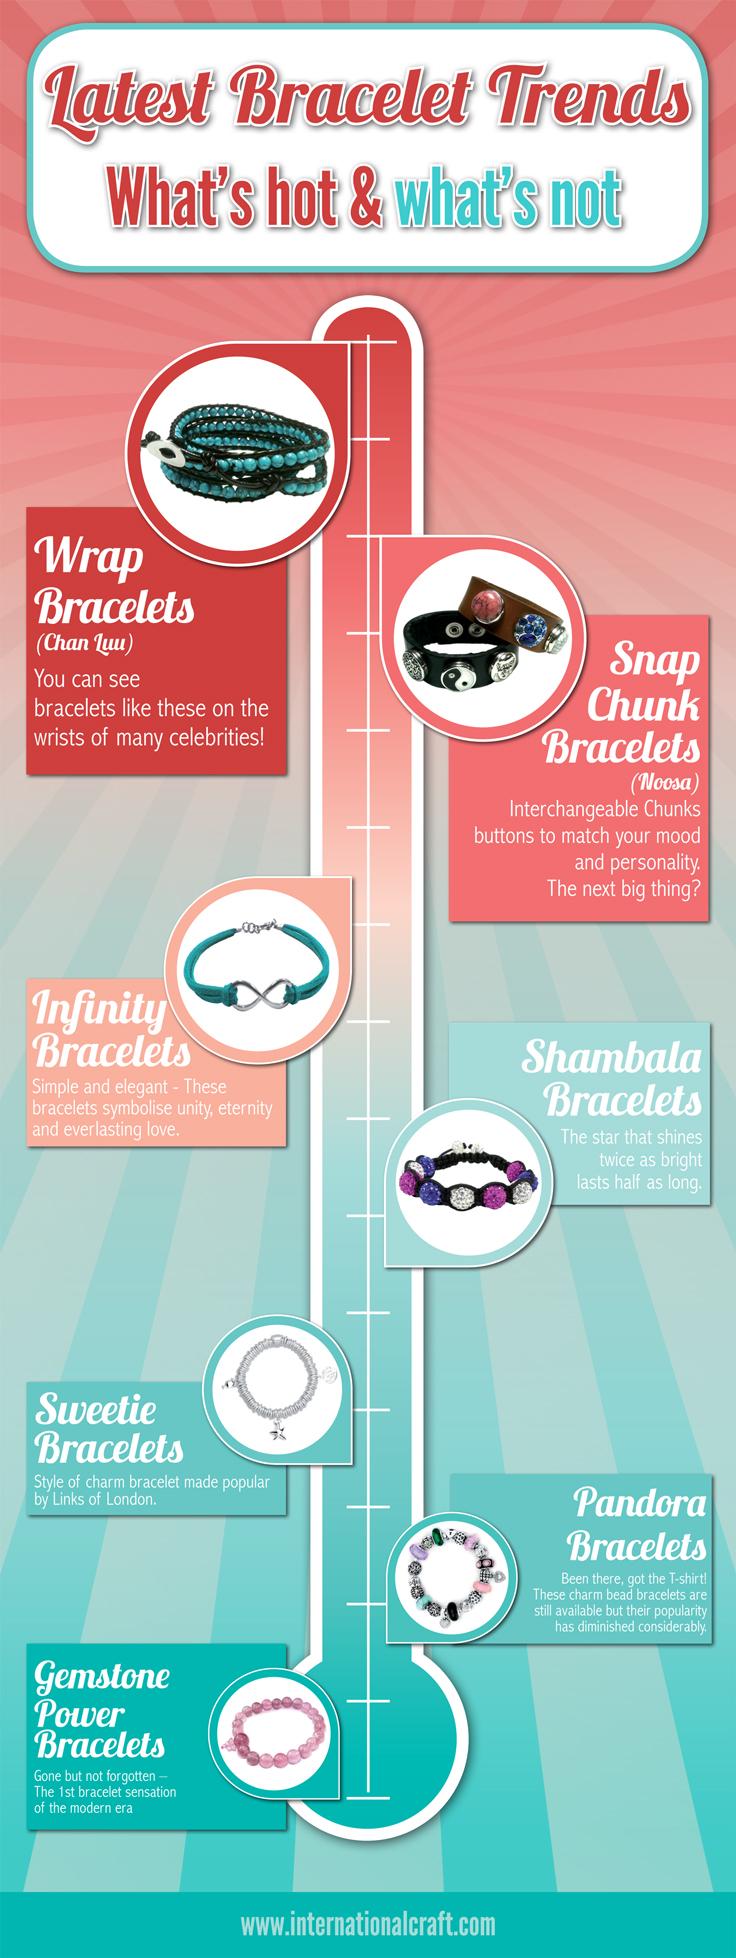 Hot fashion bracelets